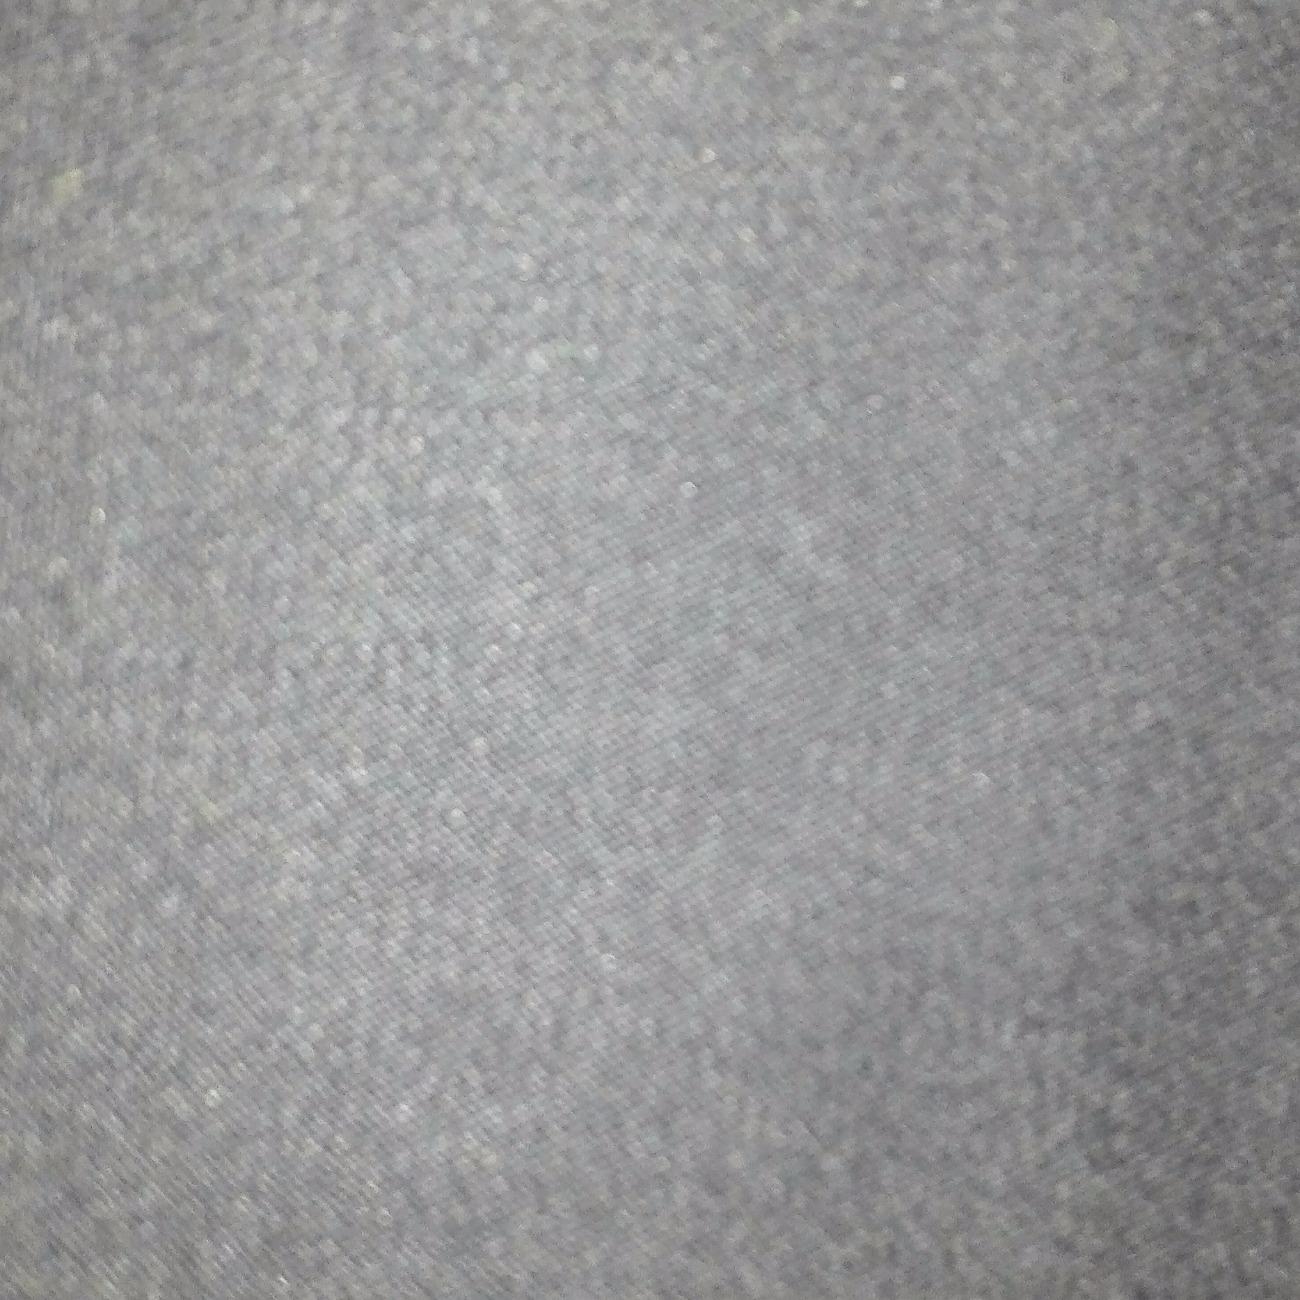 服装面料100%全棉4032/14390梭织斜纹染色布